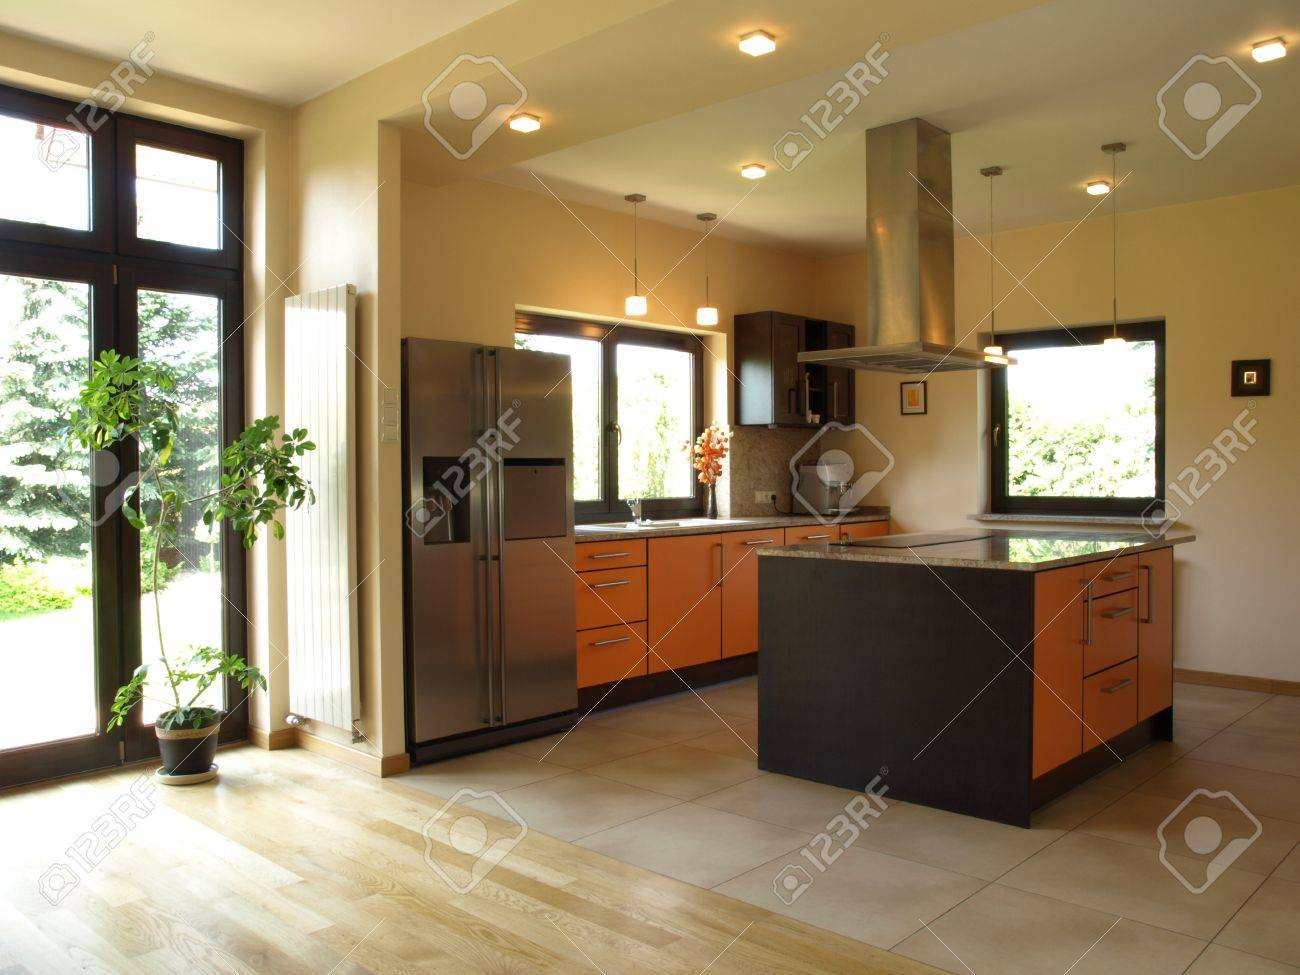 Interior Of Geräumiges, Modernes Haus: Gut Beleuchteten Küche ...